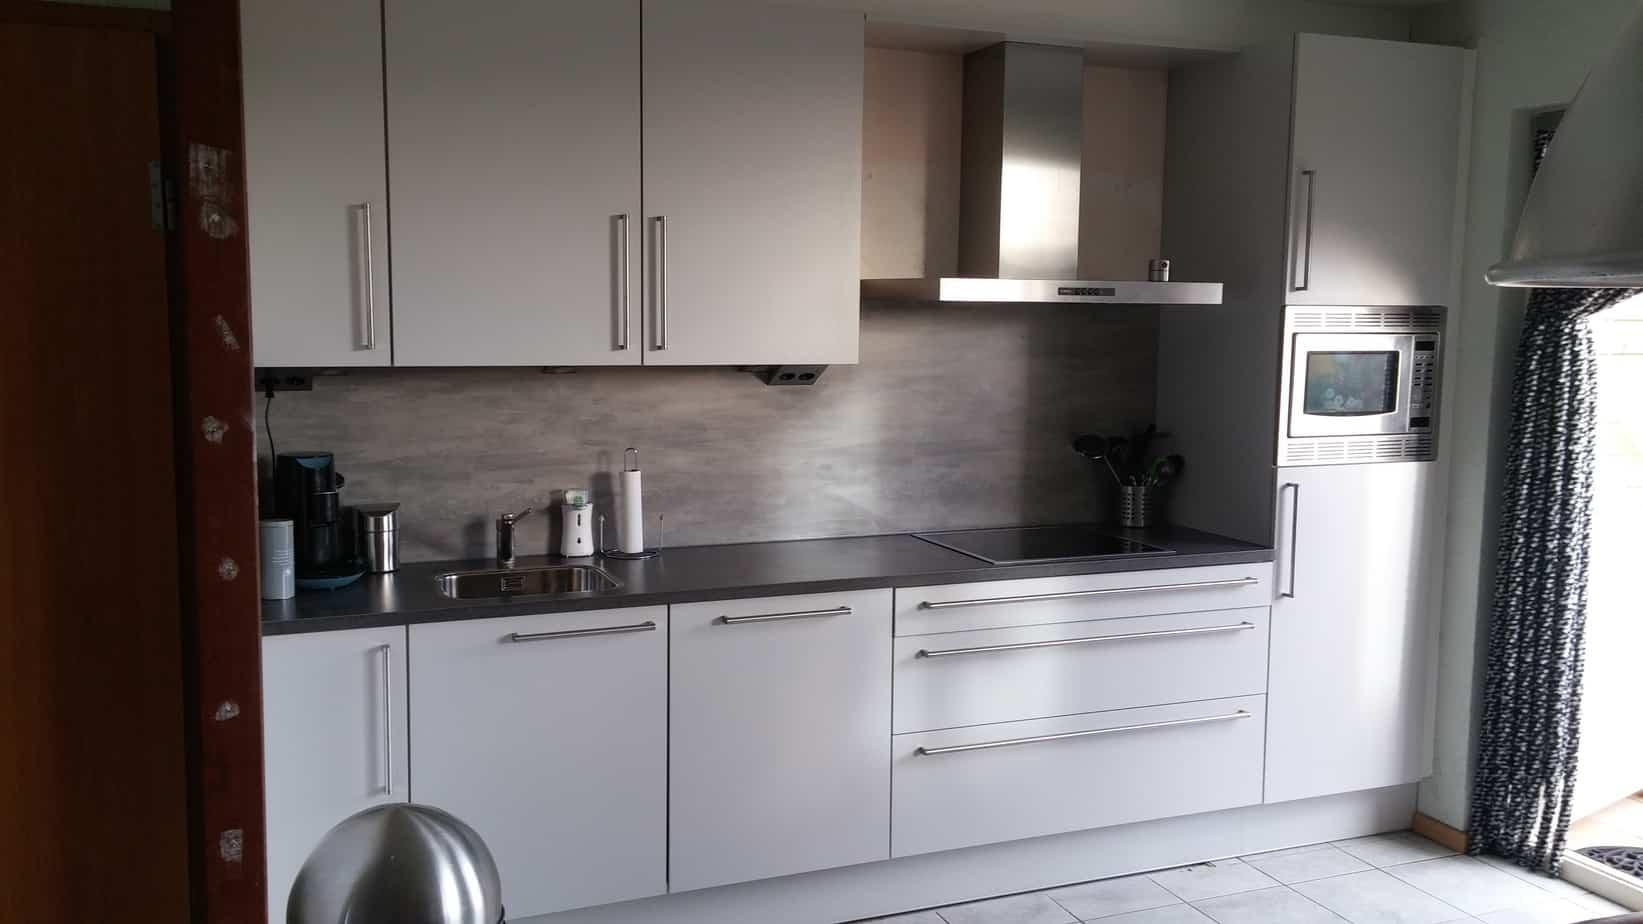 Keuken opknappen of renoveren met een klein budget motorcycle review and galleries - Nieuwe keuken ...